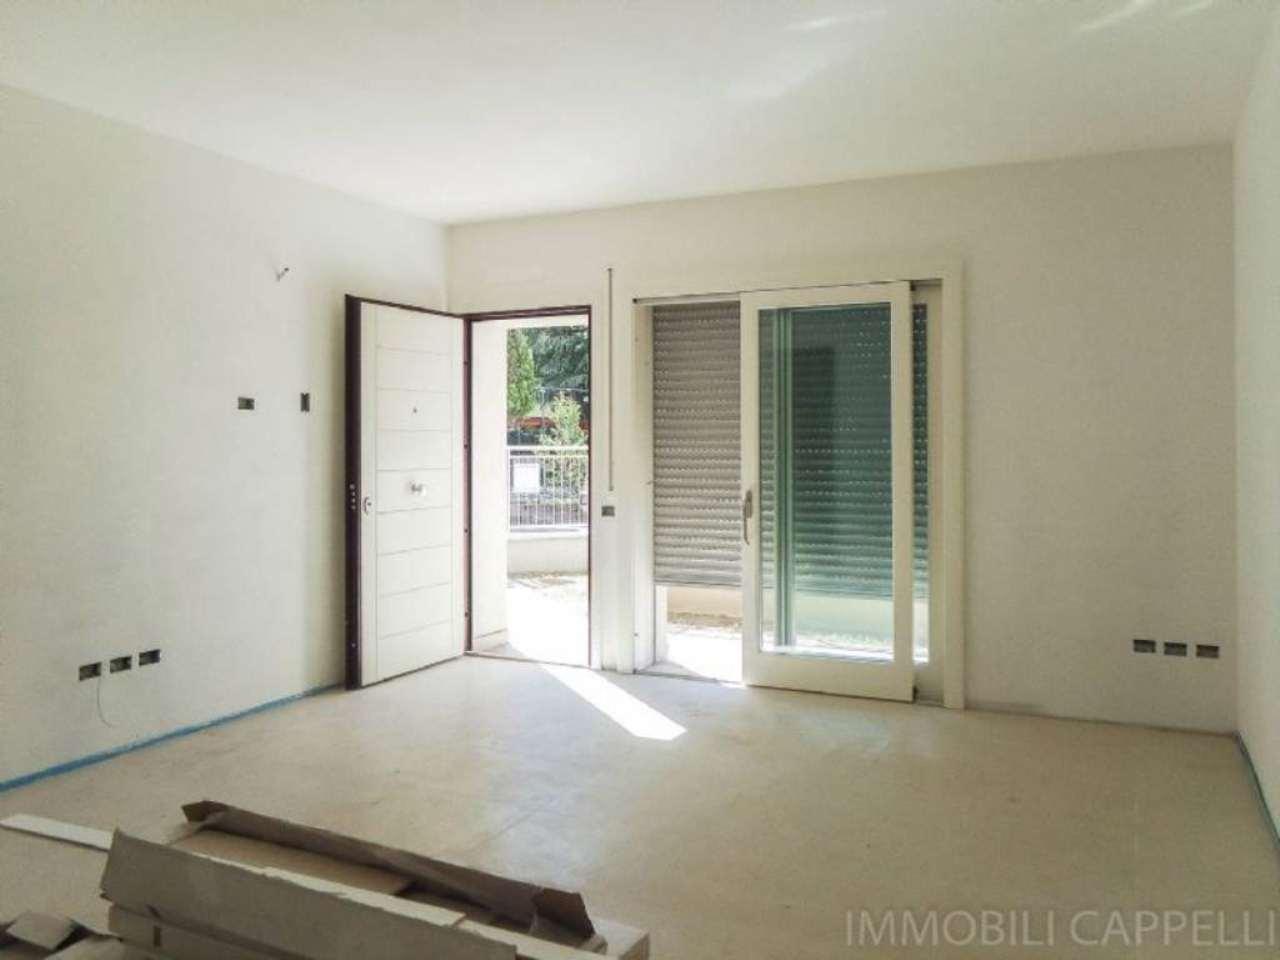 Appartamento in vendita a Cesena, 3 locali, prezzo € 230.000 | CambioCasa.it